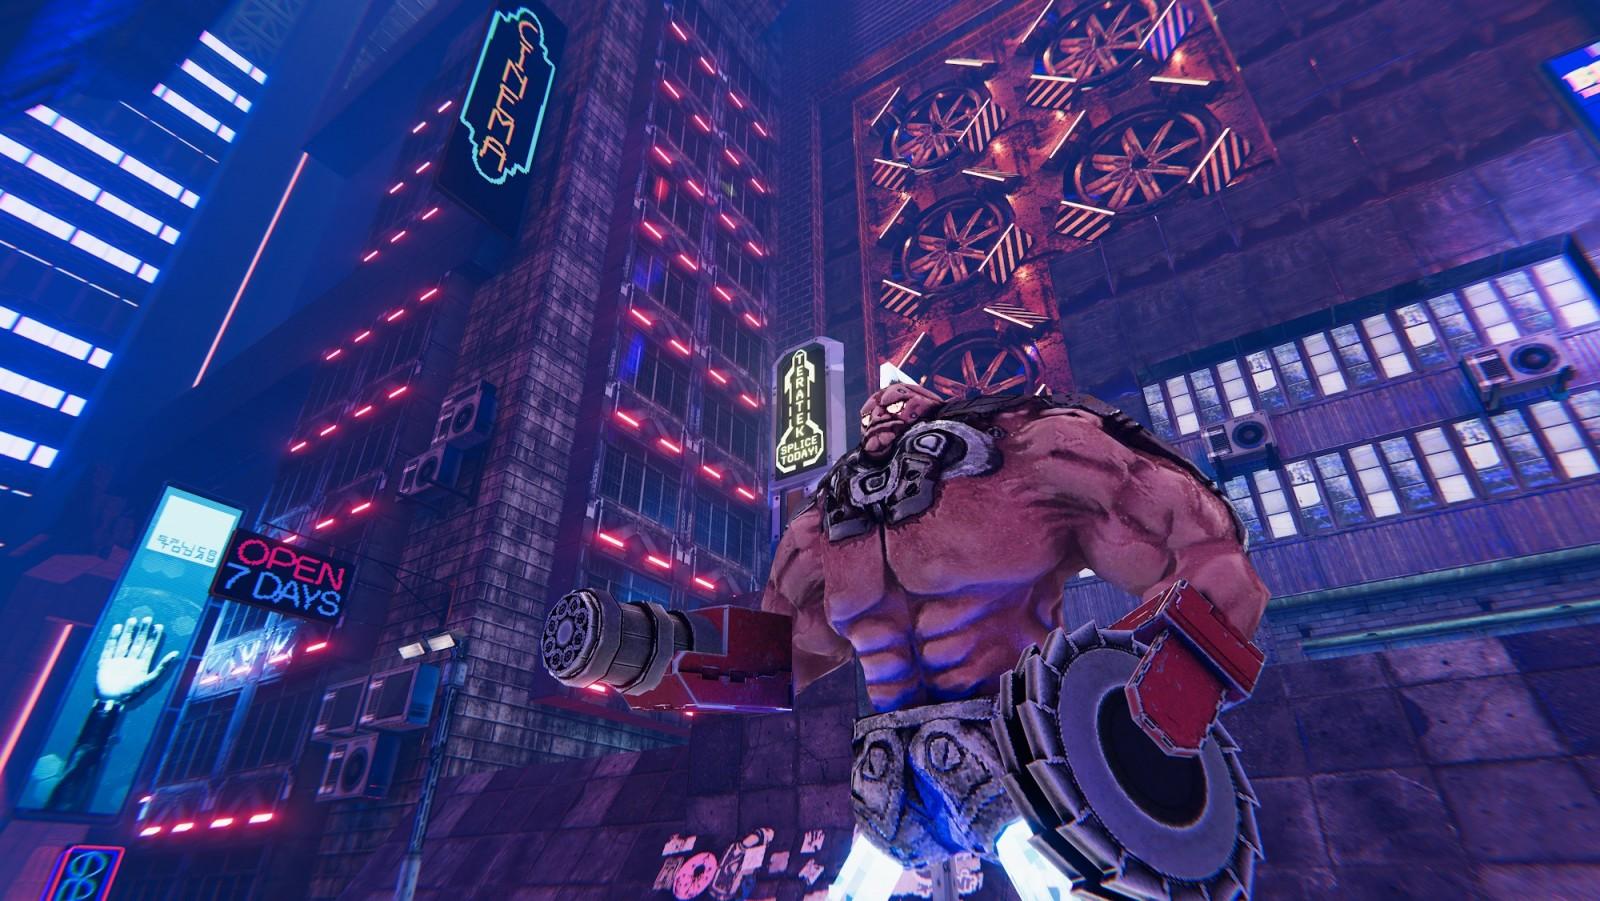 Conoce Turbo Overkill el próximo juego del creador de DOOM II Super Chaos que llegará en 2022 3